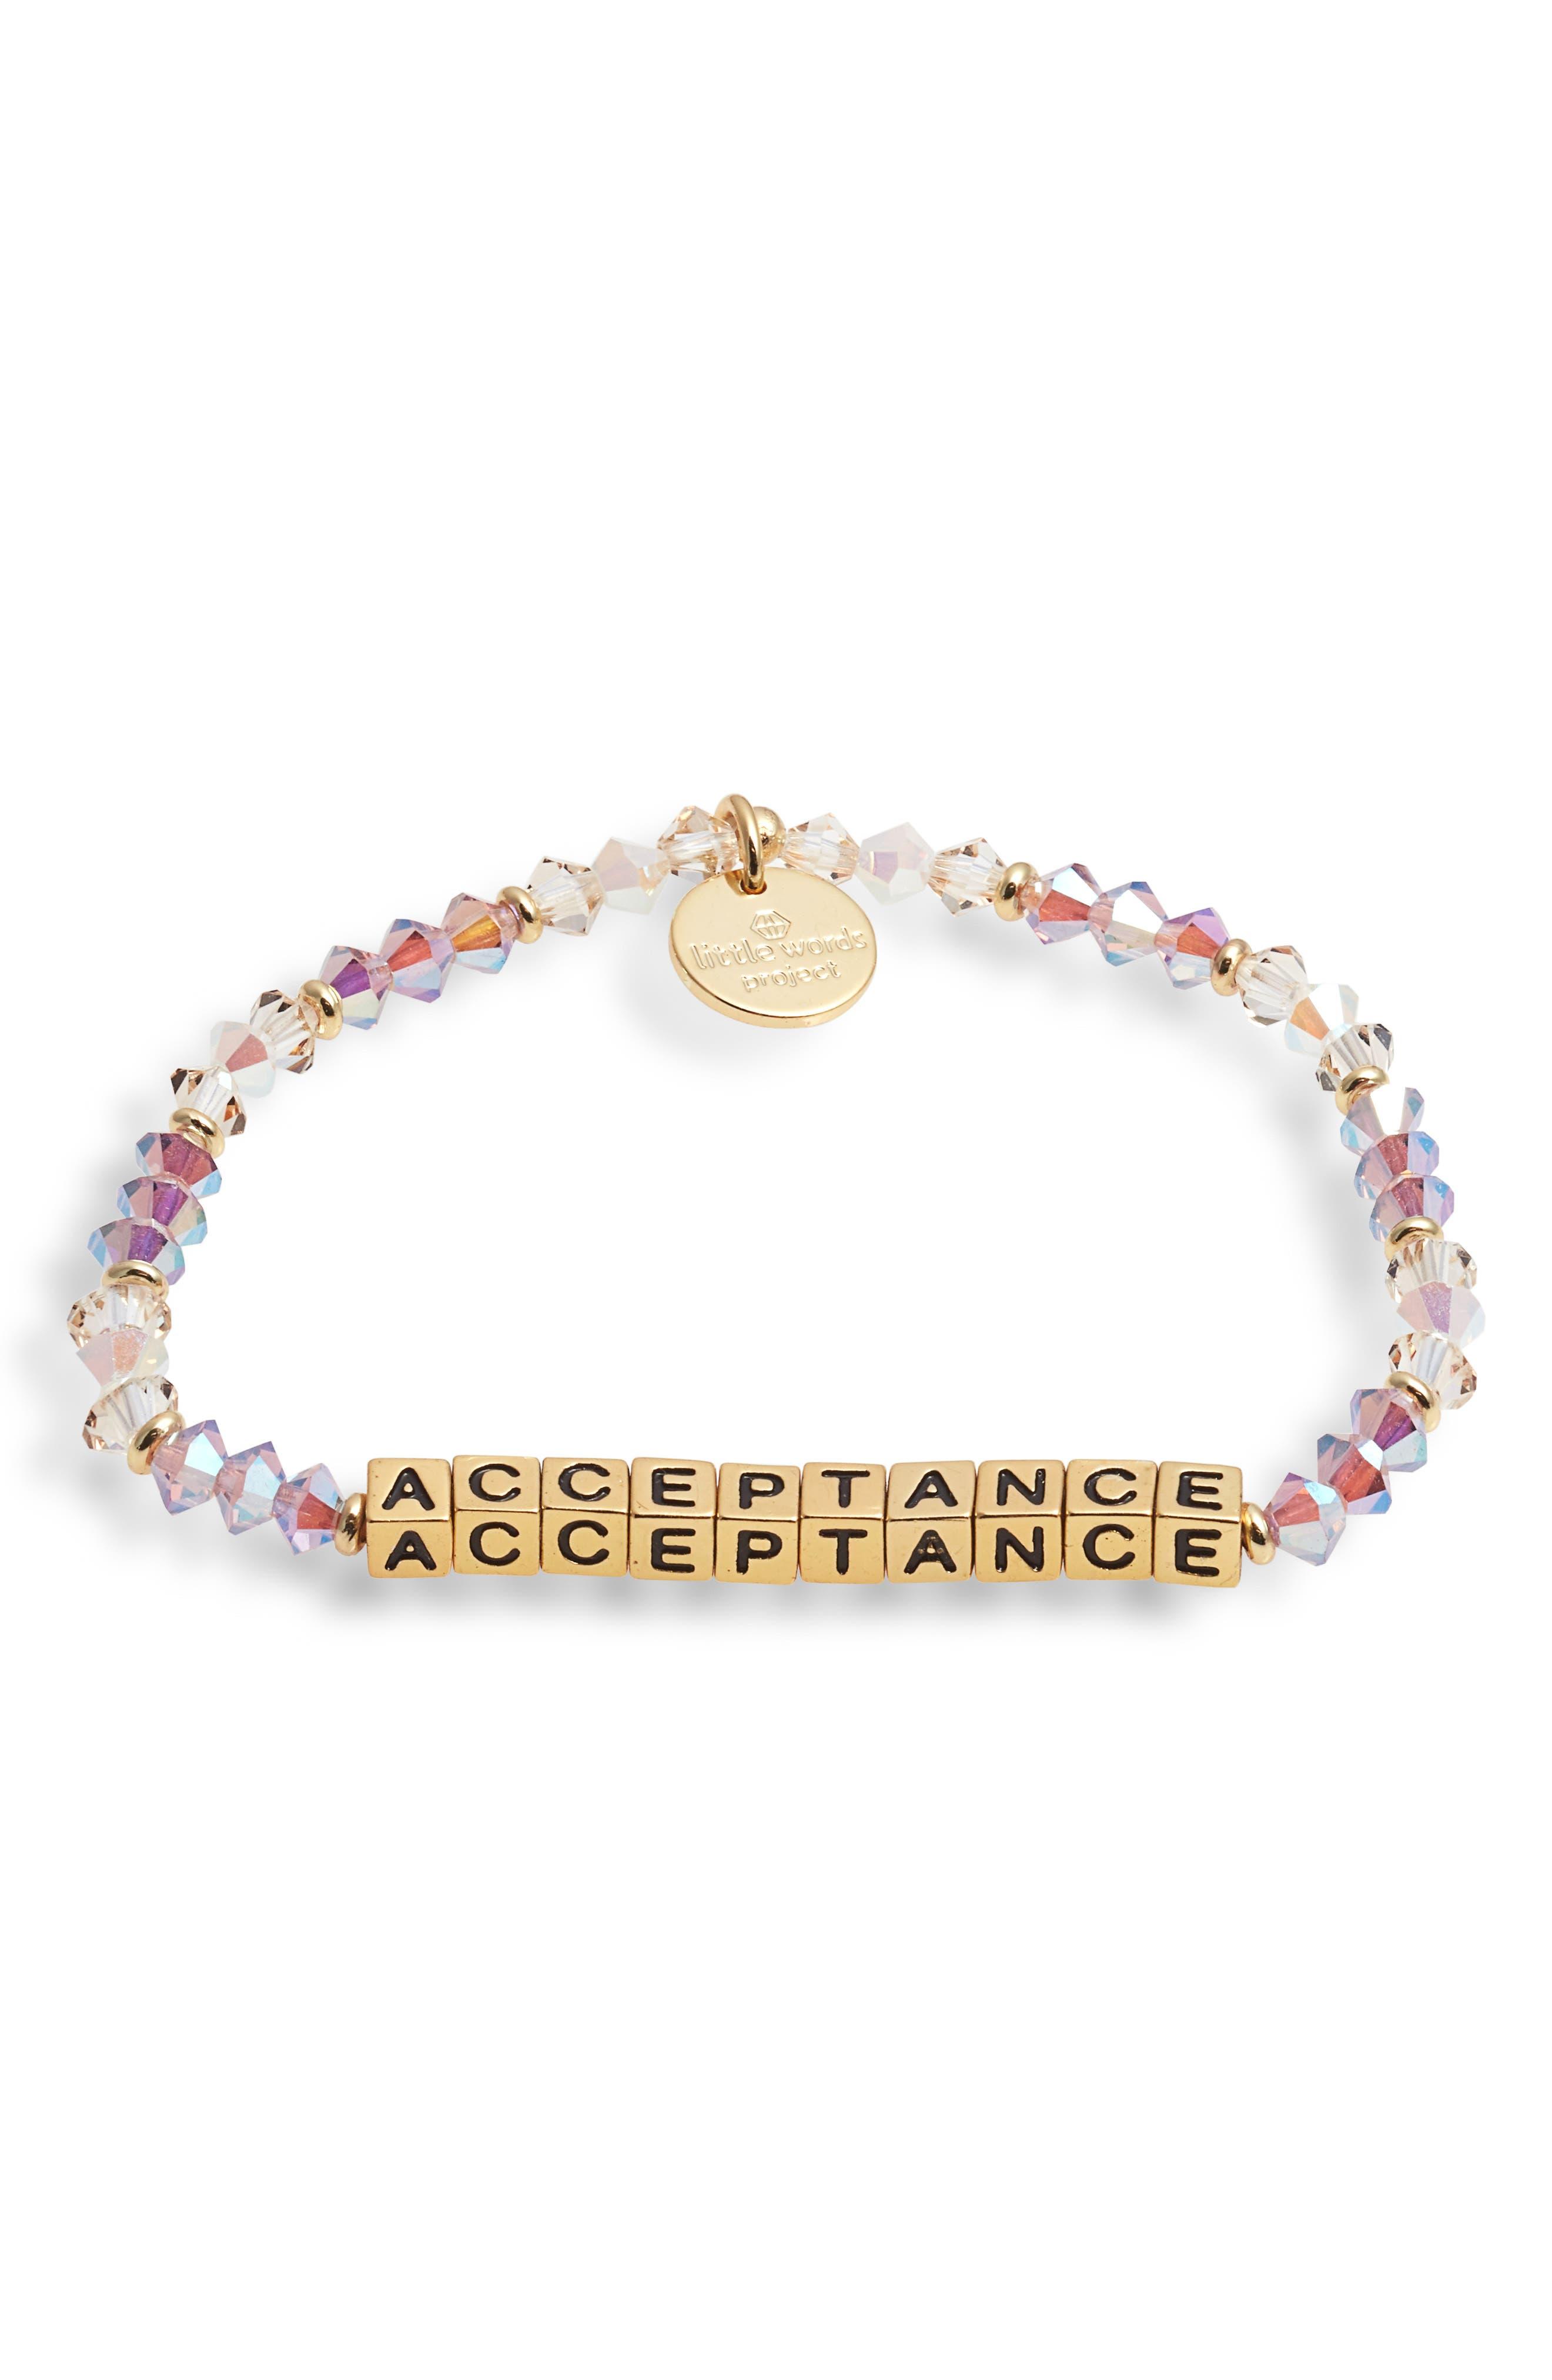 Acceptance Beaded Stretch Bracelet